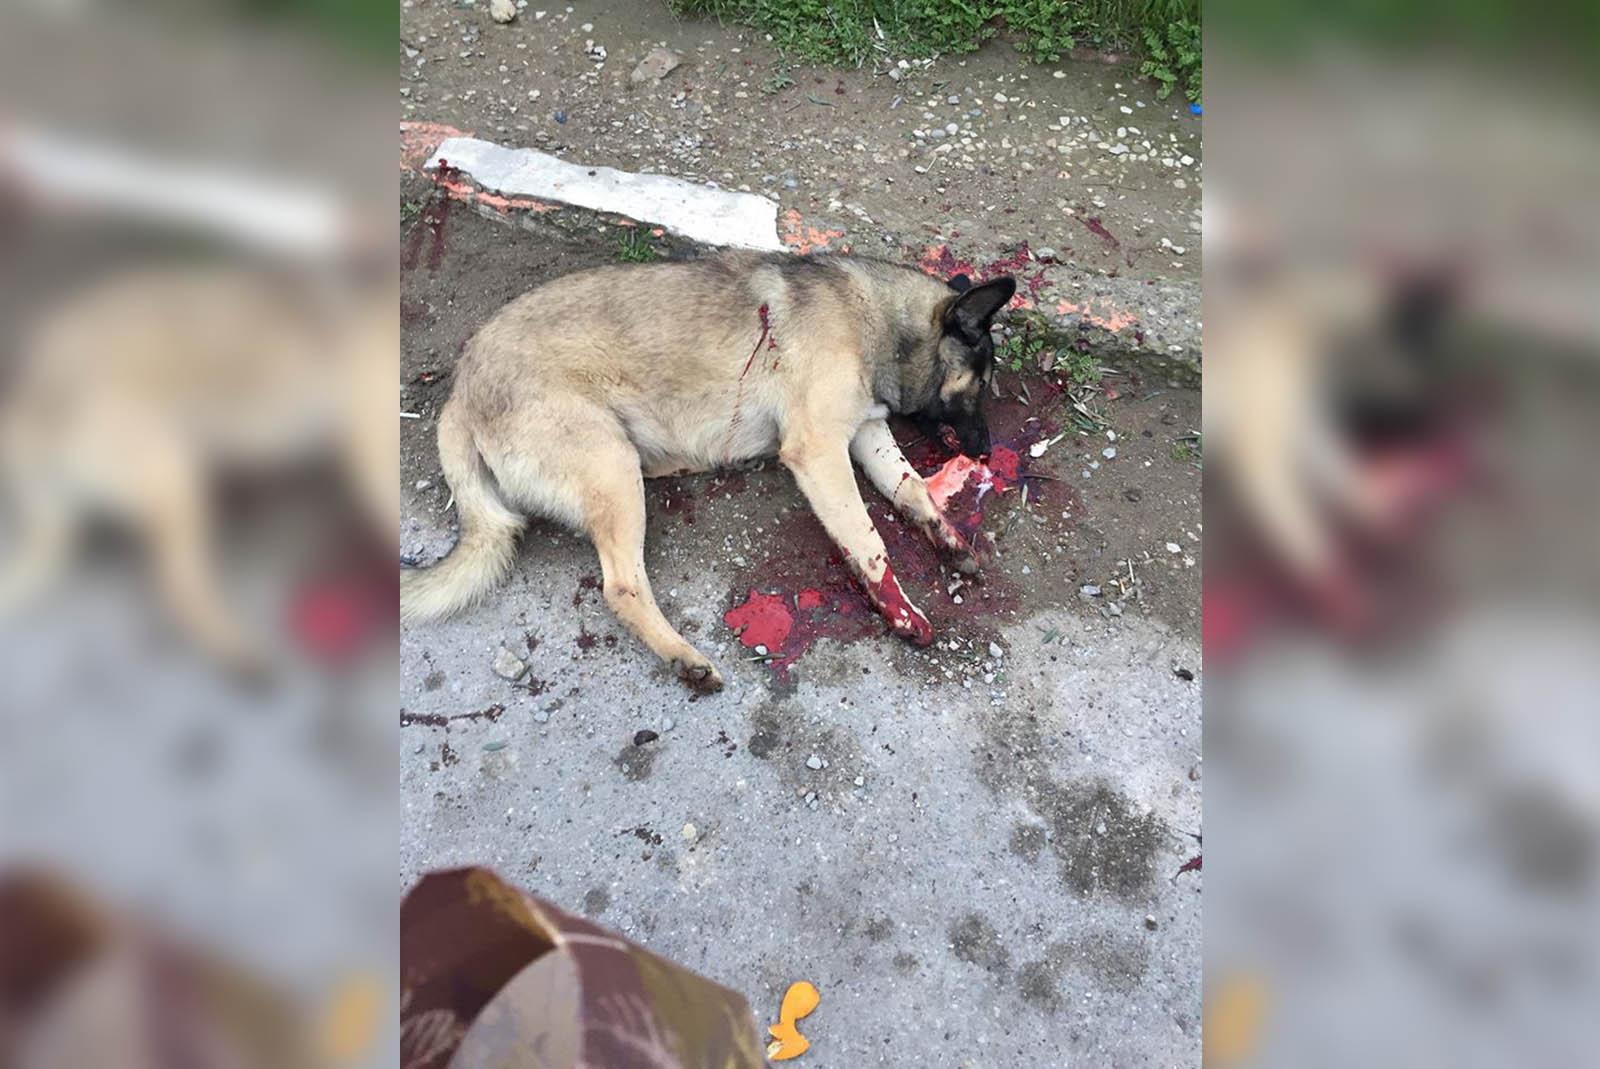 Tötung von Straßenhunden in Aserbaidschan beenden: Jetzt helfen!